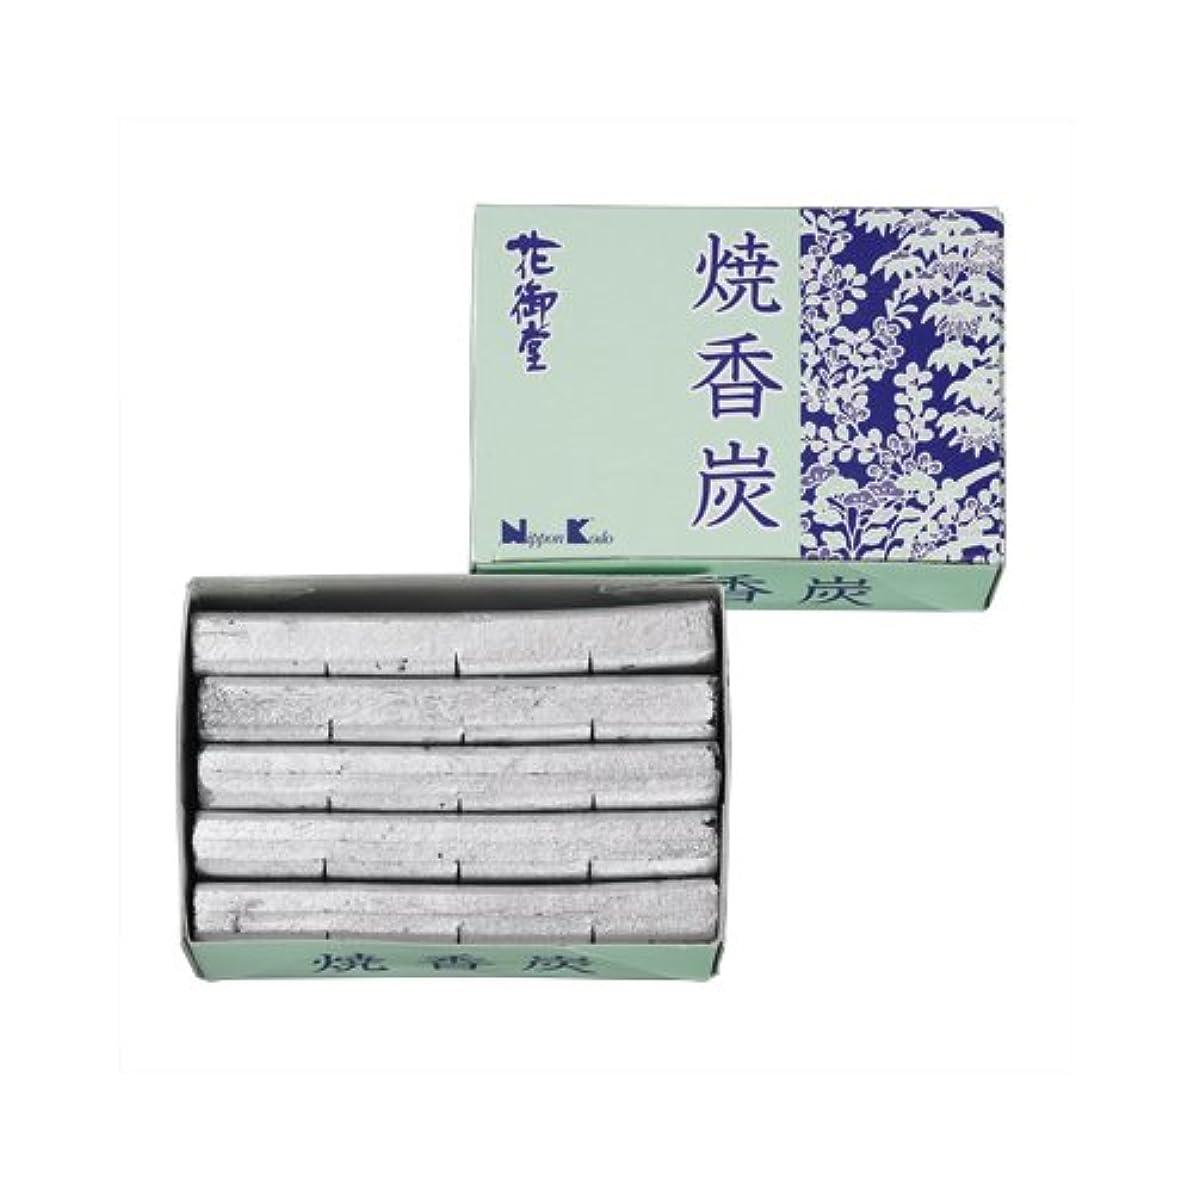 味サーカス無条件花御堂 焼香炭 #92011